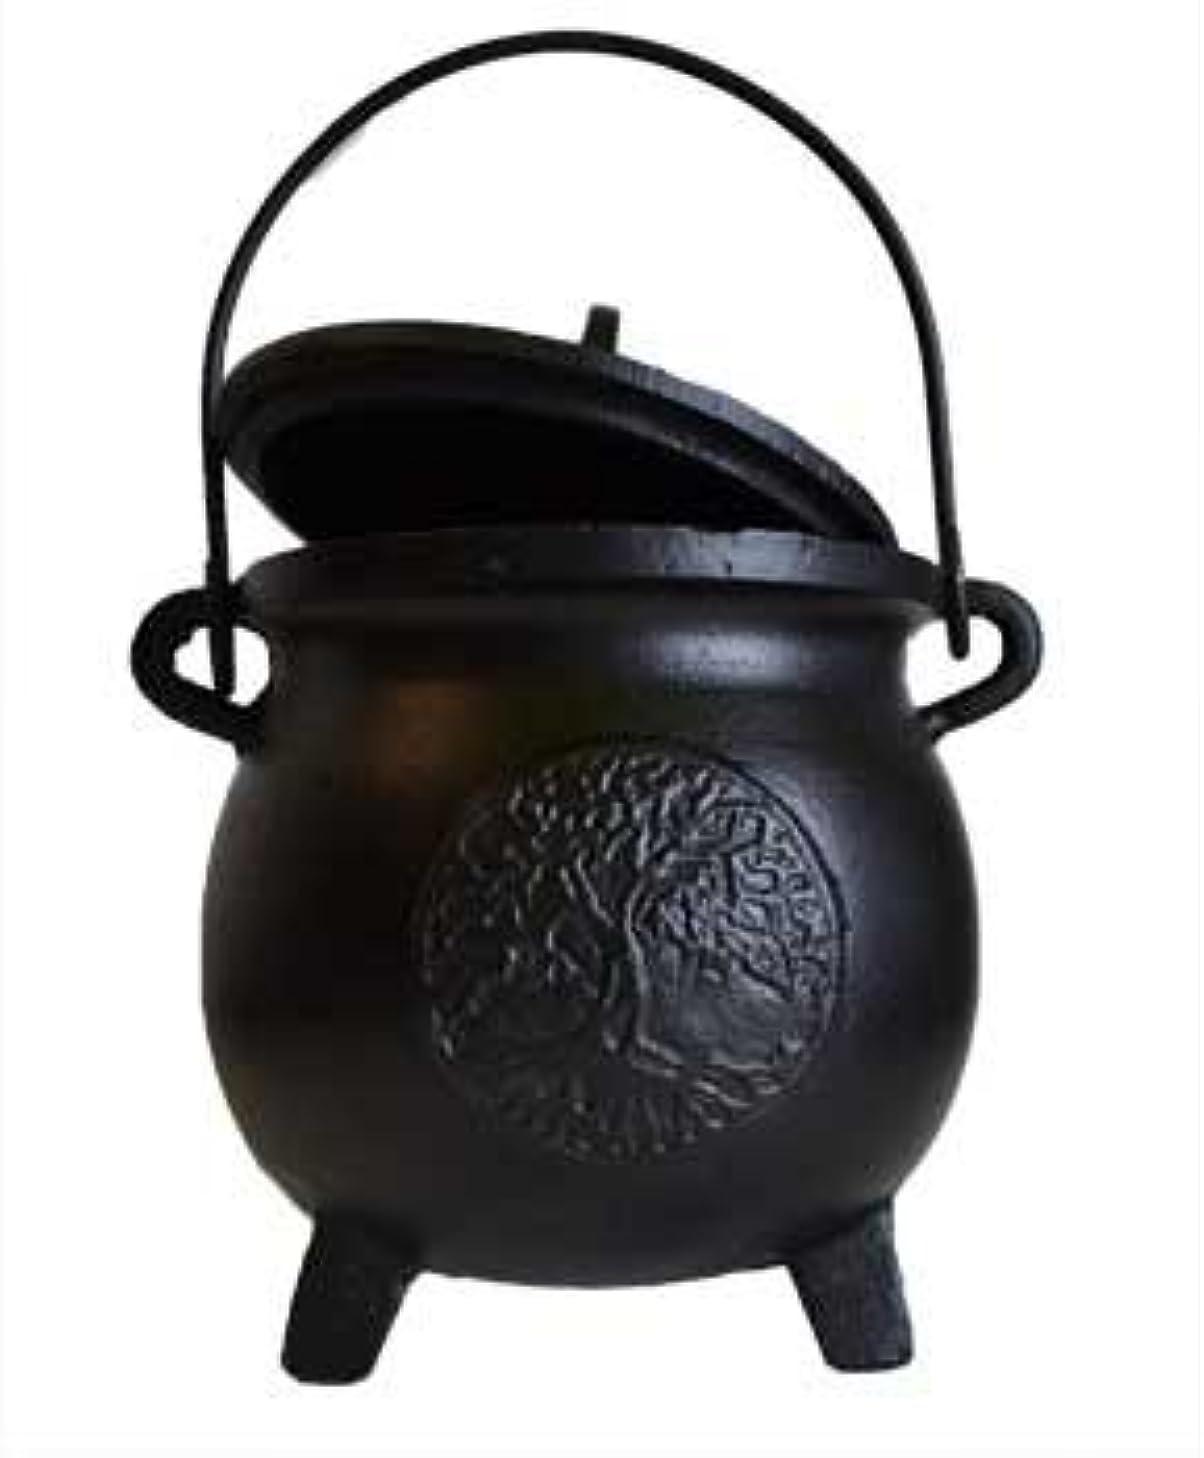 木曜日関与する光Home Fragrance Potpourris Cauldrons Tree of Life鋳鉄3つ脚でハンドルと蓋Large 8